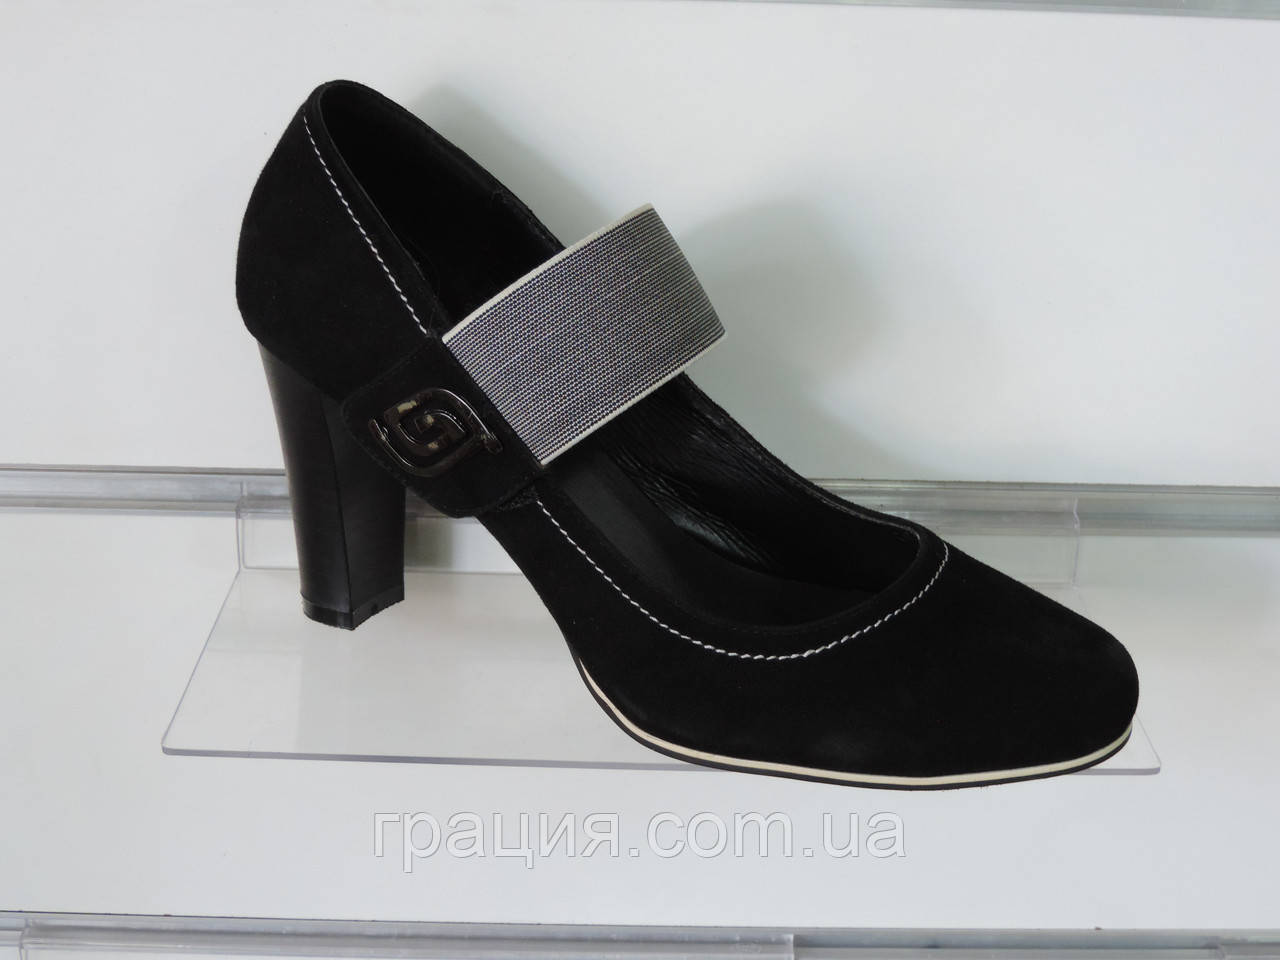 Туфлі жіночі замшеві на підборах